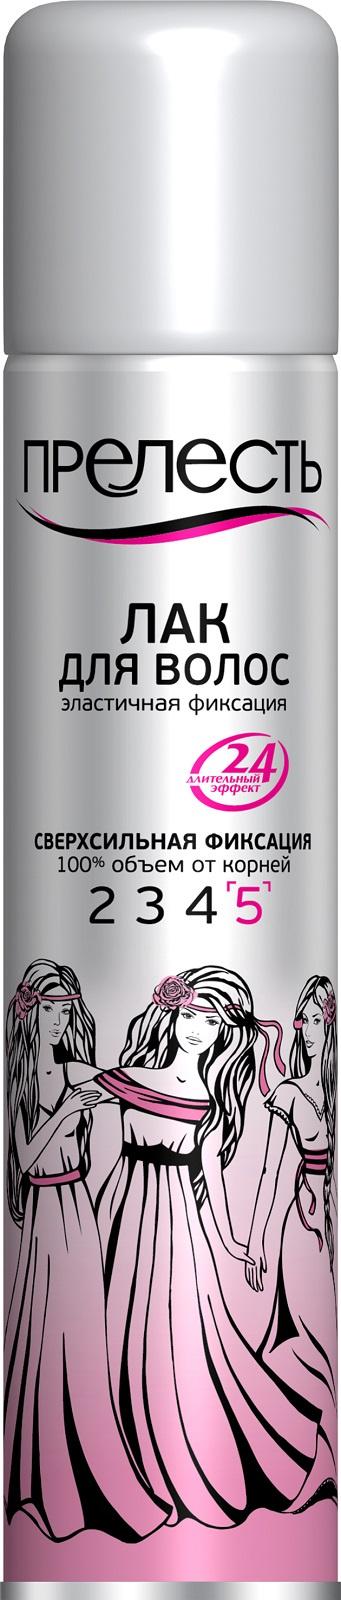 Лак для волос Прелесть Сверхсильная фиксация, 200 мл для волос фаберлик отзывы